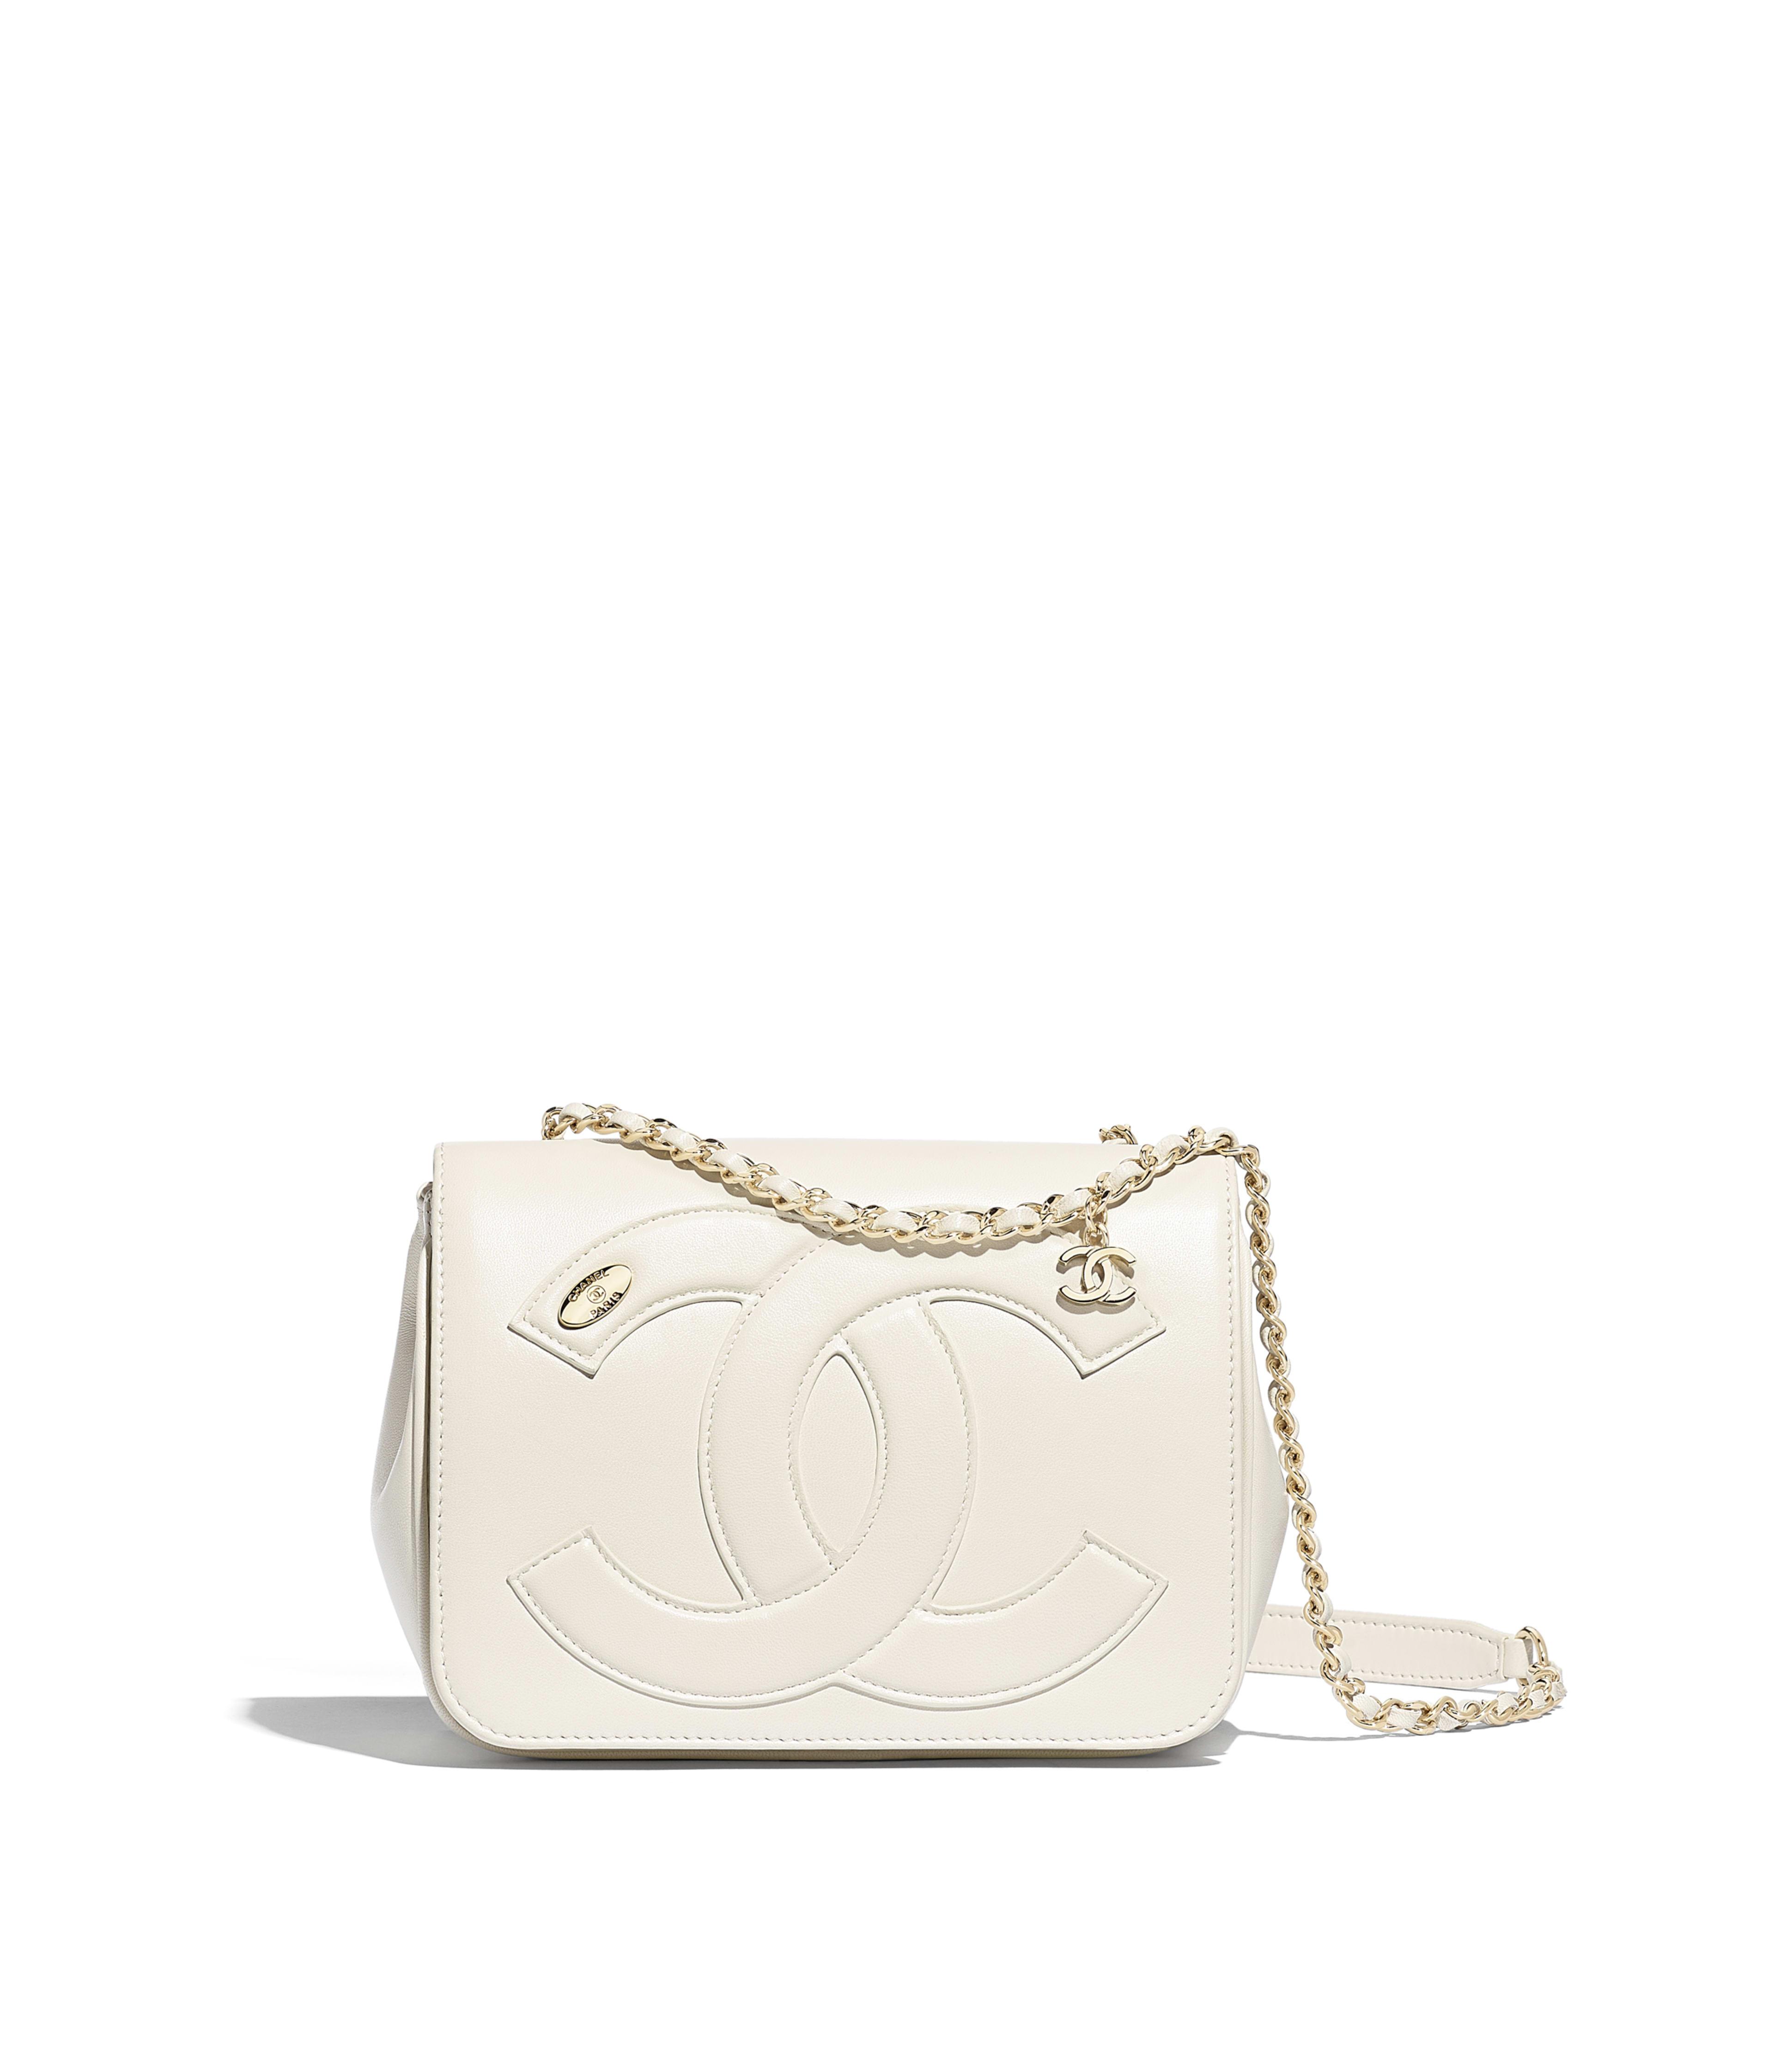 51c2bb0ee435 Flap Bag Lambskin & Gold-Tone Metal, White Ref. AS0321B0012010601